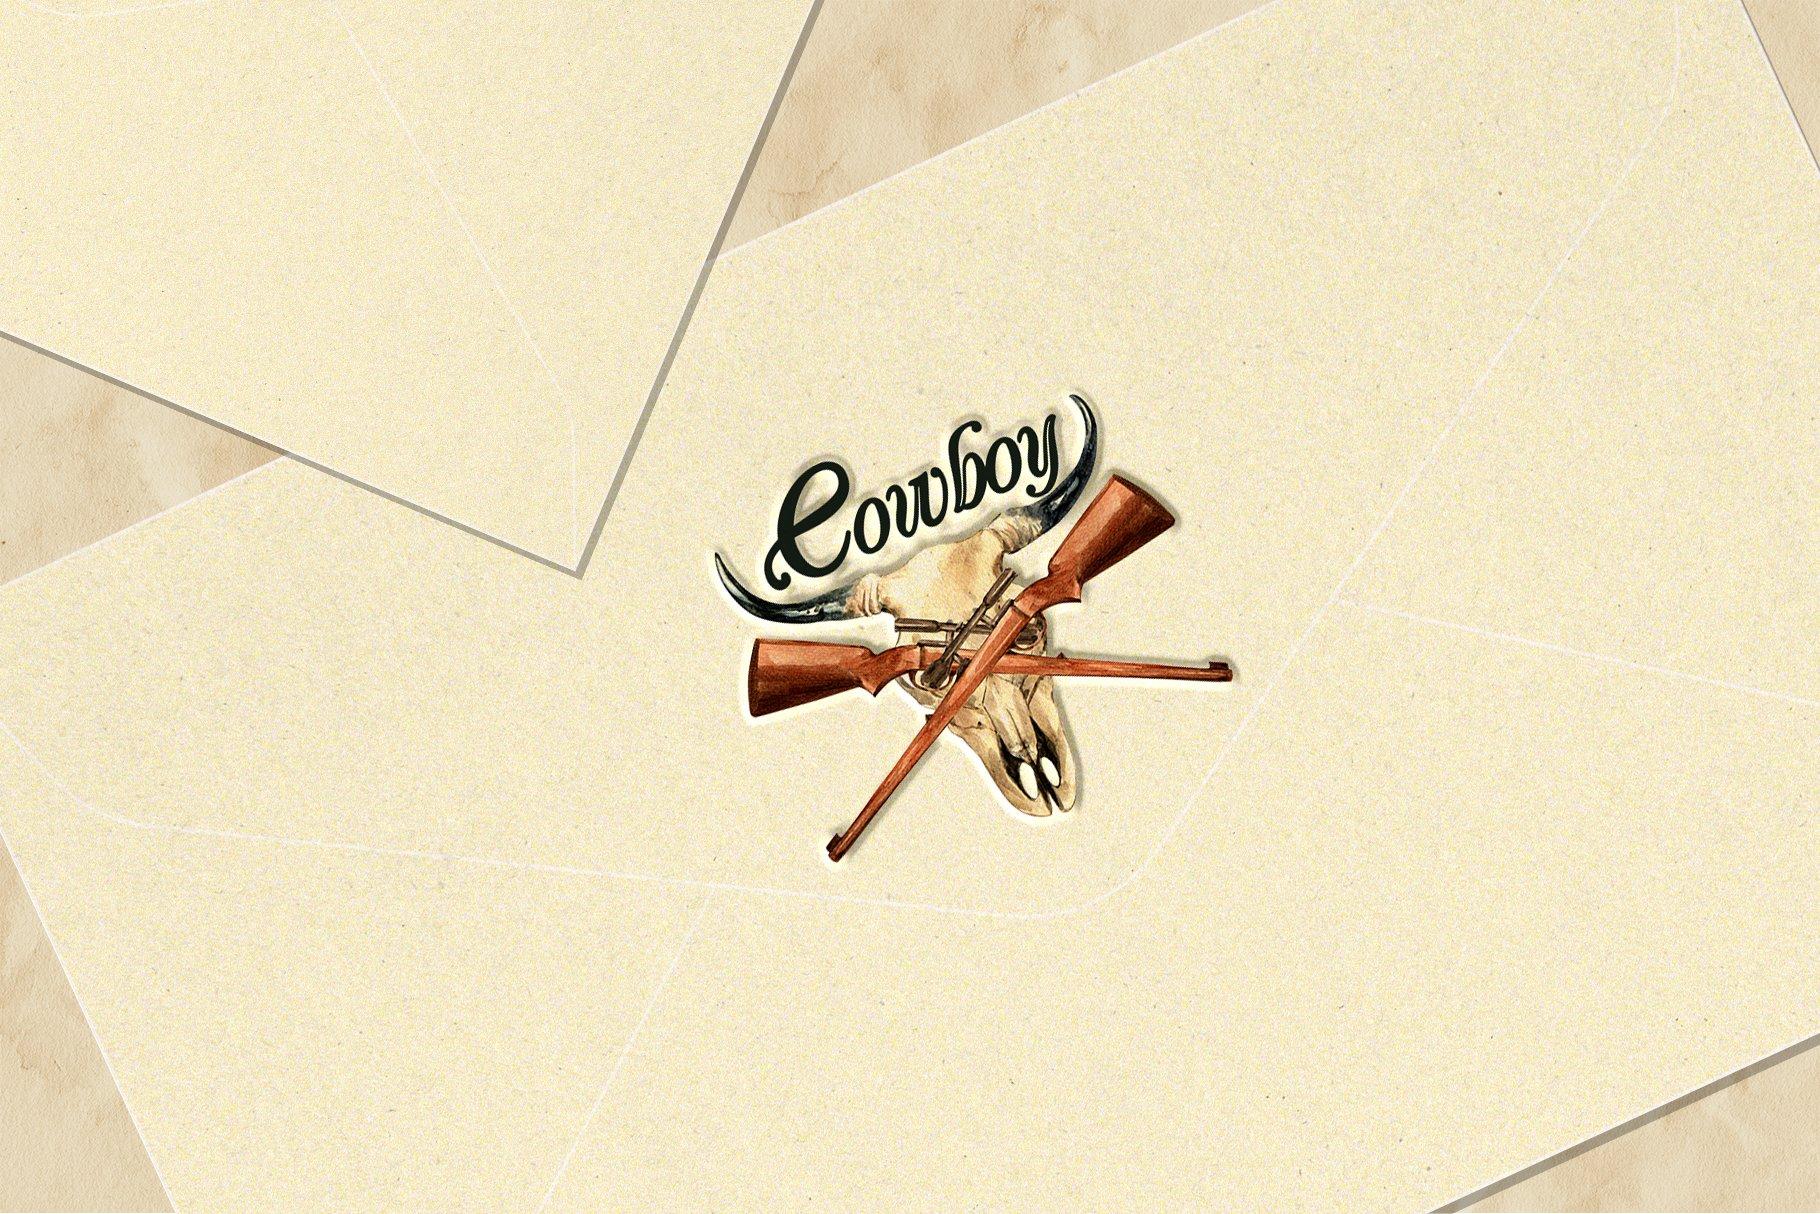 牛仔英雄元素水彩剪贴画PNG免抠图片素材 The Story of Cowboy Hero Watercolors Set插图(7)